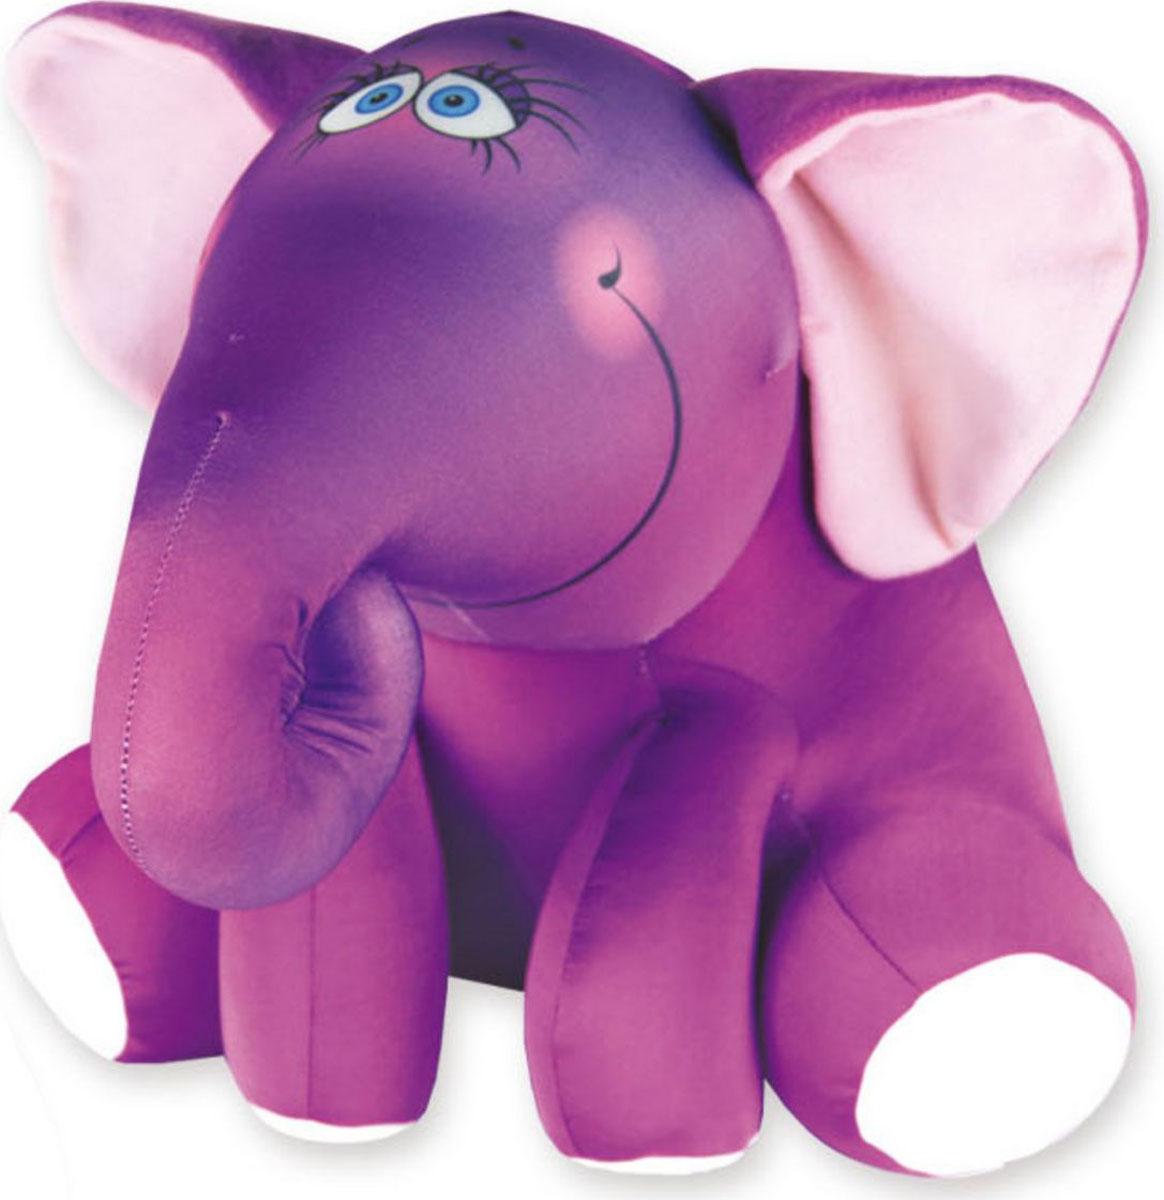 Подушка-игрушка Штучки, к которым тянутся ручки антистрессовая Слон Ким, фиолетовый